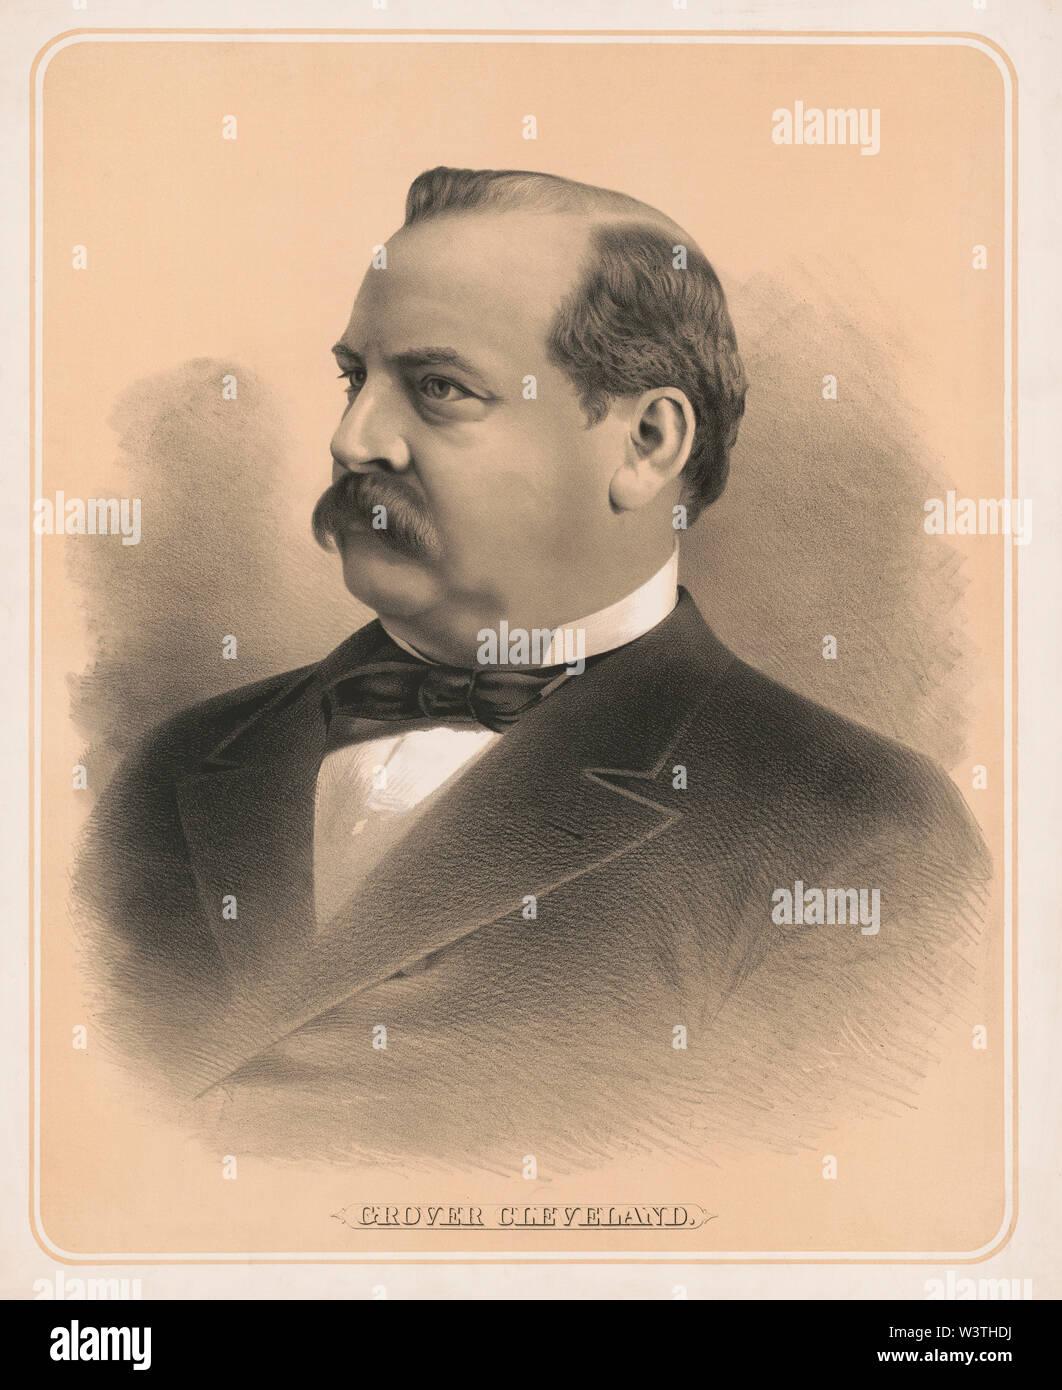 Grover Cleveland (1837-1908), 22º y 24º Presidente de los Estados Unidos 1885-89 y 1893-97, la cabeza y los hombros retrato, litografía, 1884 Imagen De Stock